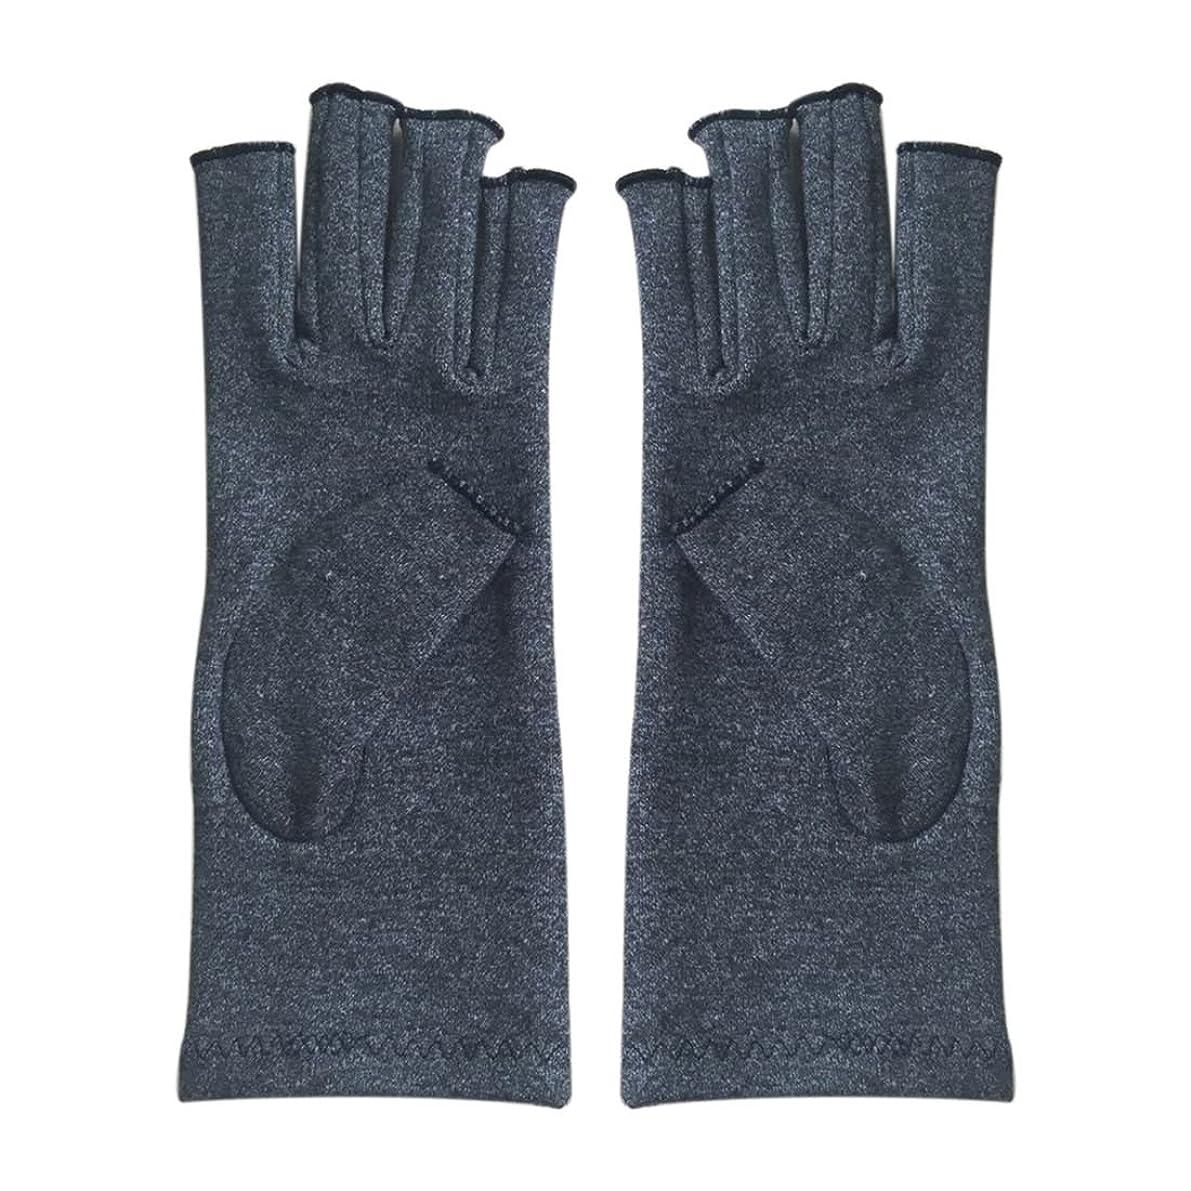 前提条件ほとんどの場合潮TOOGOO ペア 弾性コットン製の手袋 関節式手袋 灰色 M